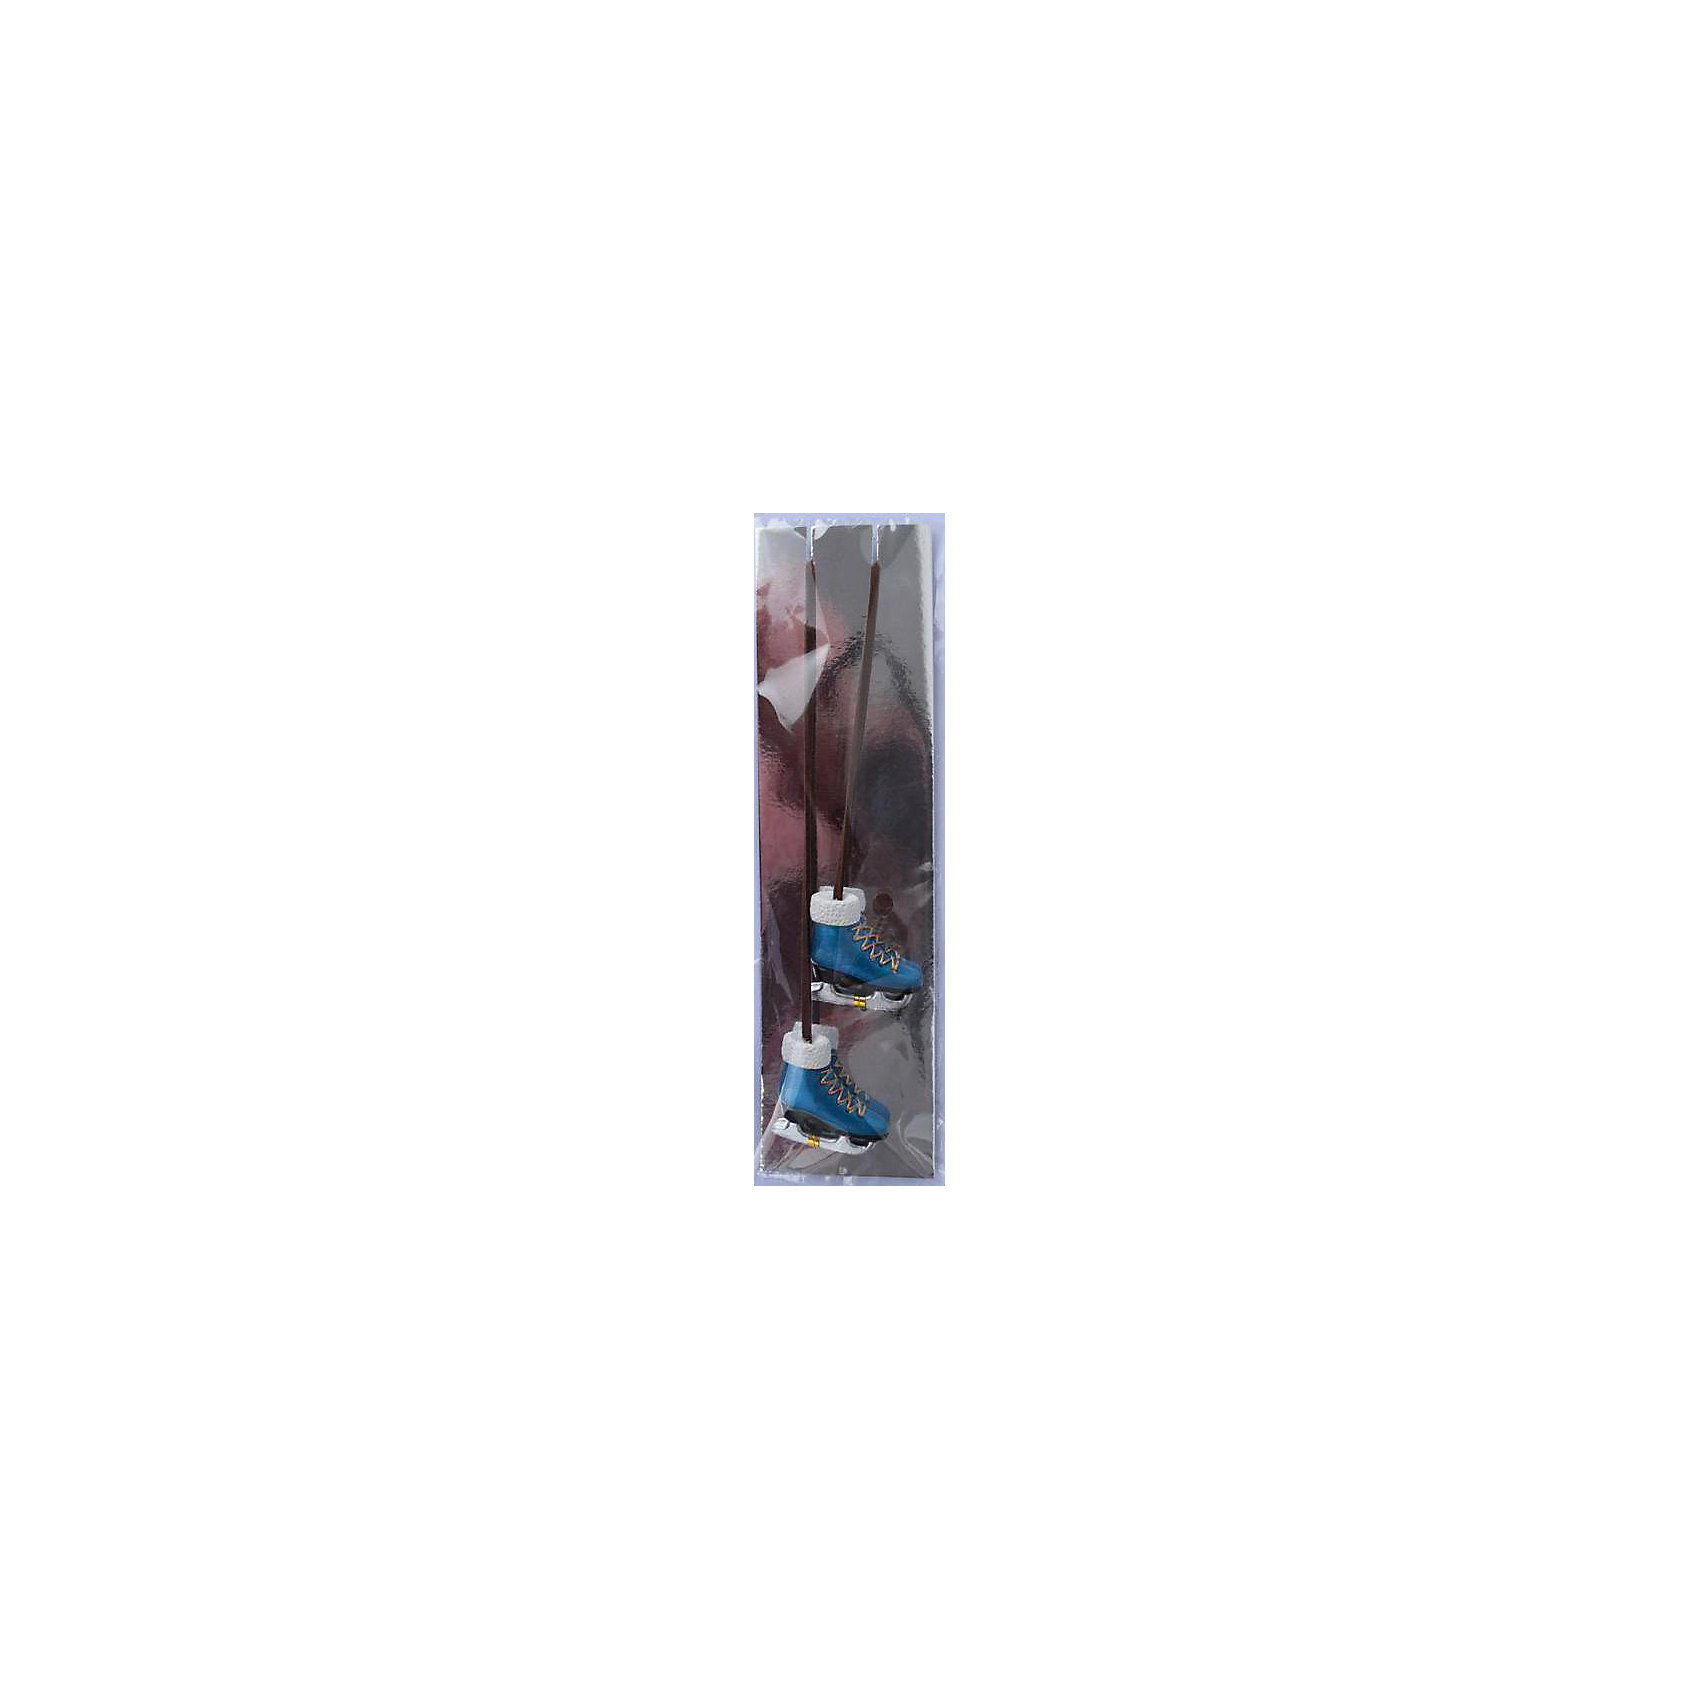 Набор украшений Синие коньки 2 штНовый год - самый любимый праздник у многих детей и взрослых. Праздничное настроение создает в первую очередь украшенный дом и, особенно, наряженная ёлка. Будь она из леса или искусственная - такие подвесные игрушки украсят любую!<br>Они сделаны из безопасного для детей, прочного, но легкого, материала, поэтому не разобьются, упав на пол. Благодаря расцветке украшение отлично смотрится на ёлке. Создайте с ним праздничное настроение себе и близким!<br><br>Дополнительная информация:<br><br>размер: 23 х 8 х 1,5 см;<br>материал: полирезина;<br>комплектация: 2 шт.<br><br>Набор украшений Синие коньки 2 шт можно купить в нашем магазине.<br><br>Ширина мм: 150<br>Глубина мм: 150<br>Высота мм: 60<br>Вес г: 36<br>Возраст от месяцев: 36<br>Возраст до месяцев: 2147483647<br>Пол: Унисекс<br>Возраст: Детский<br>SKU: 4981658